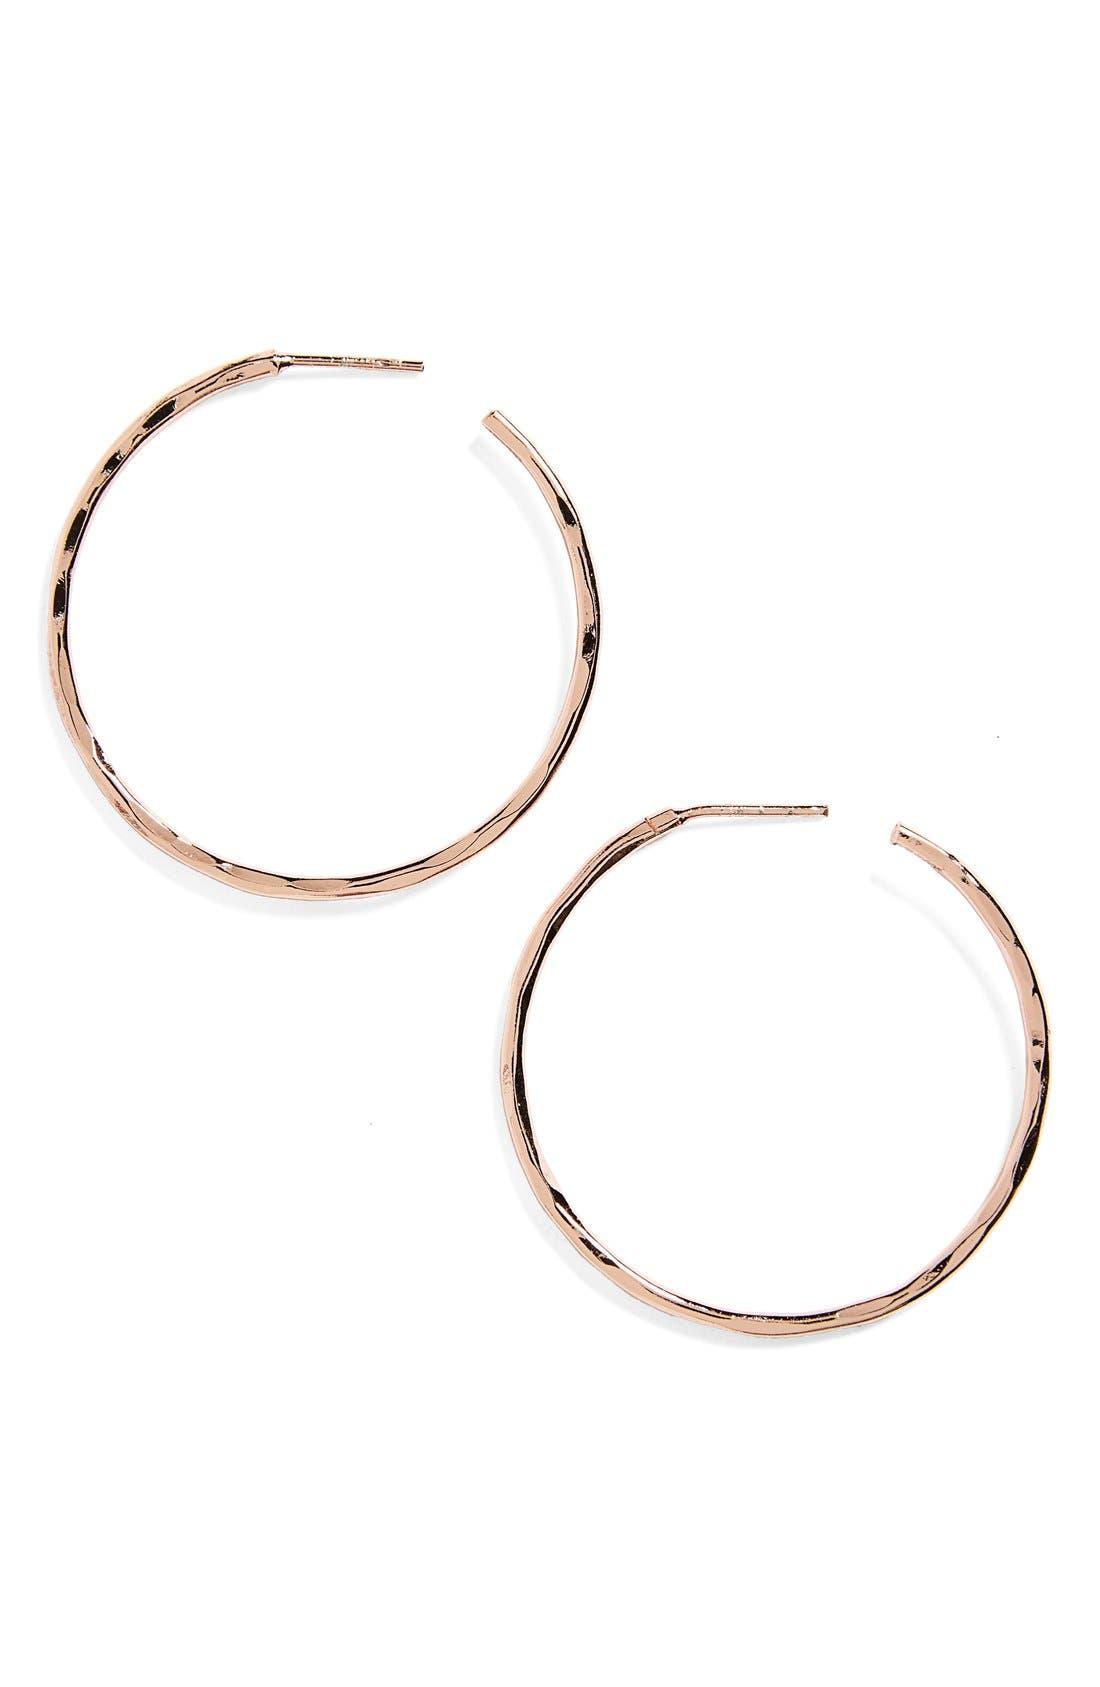 Medium Hammered Hoop Earrings,                         Main,                         color, Rose Gold